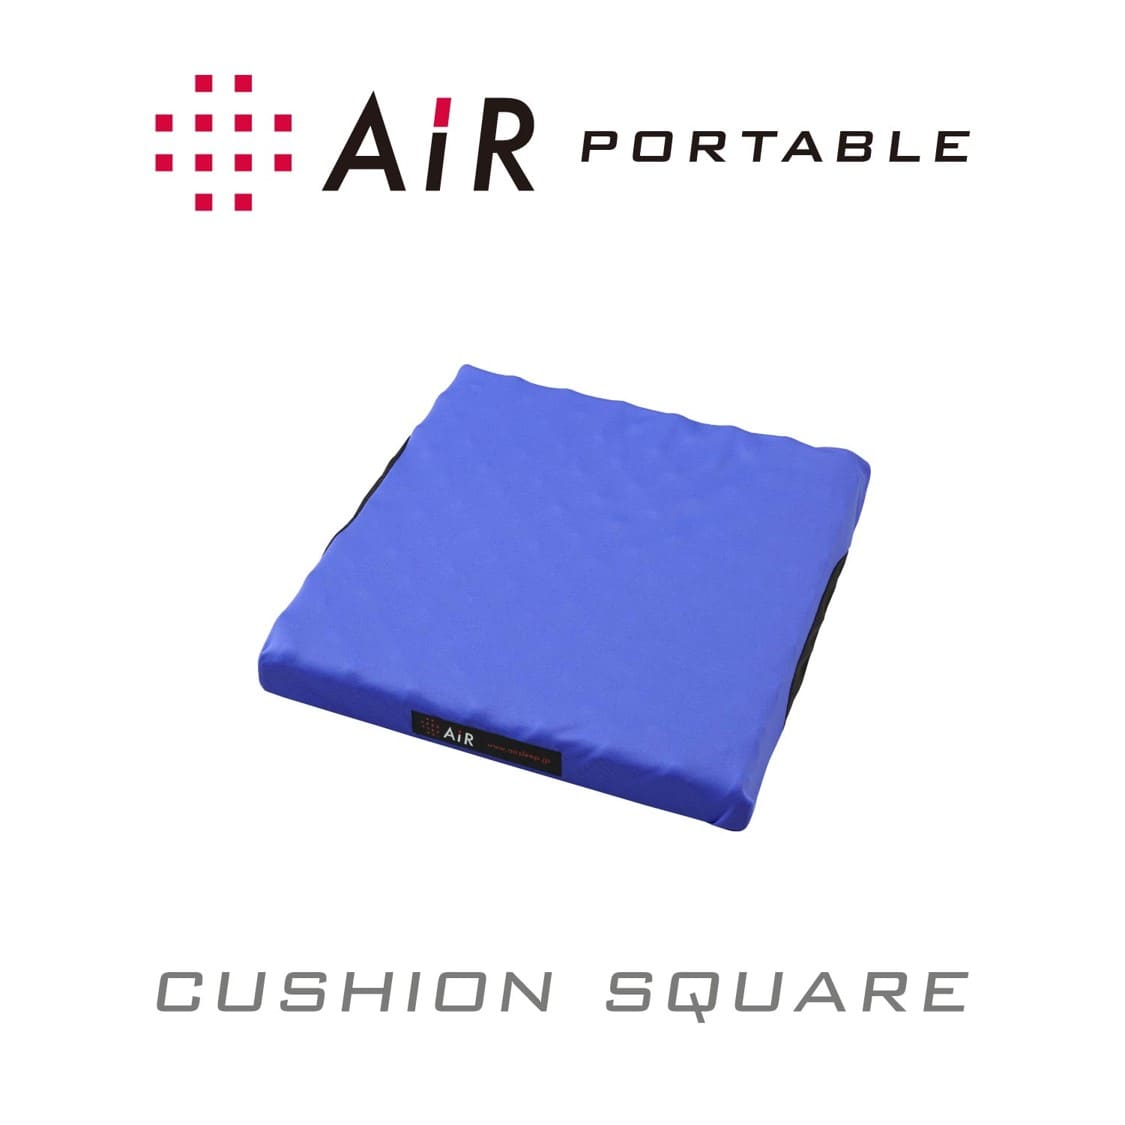 〔エアー〕ポータブルクッションスクエア ブルー色:シンプルで場所を選ばないポータブルクッション